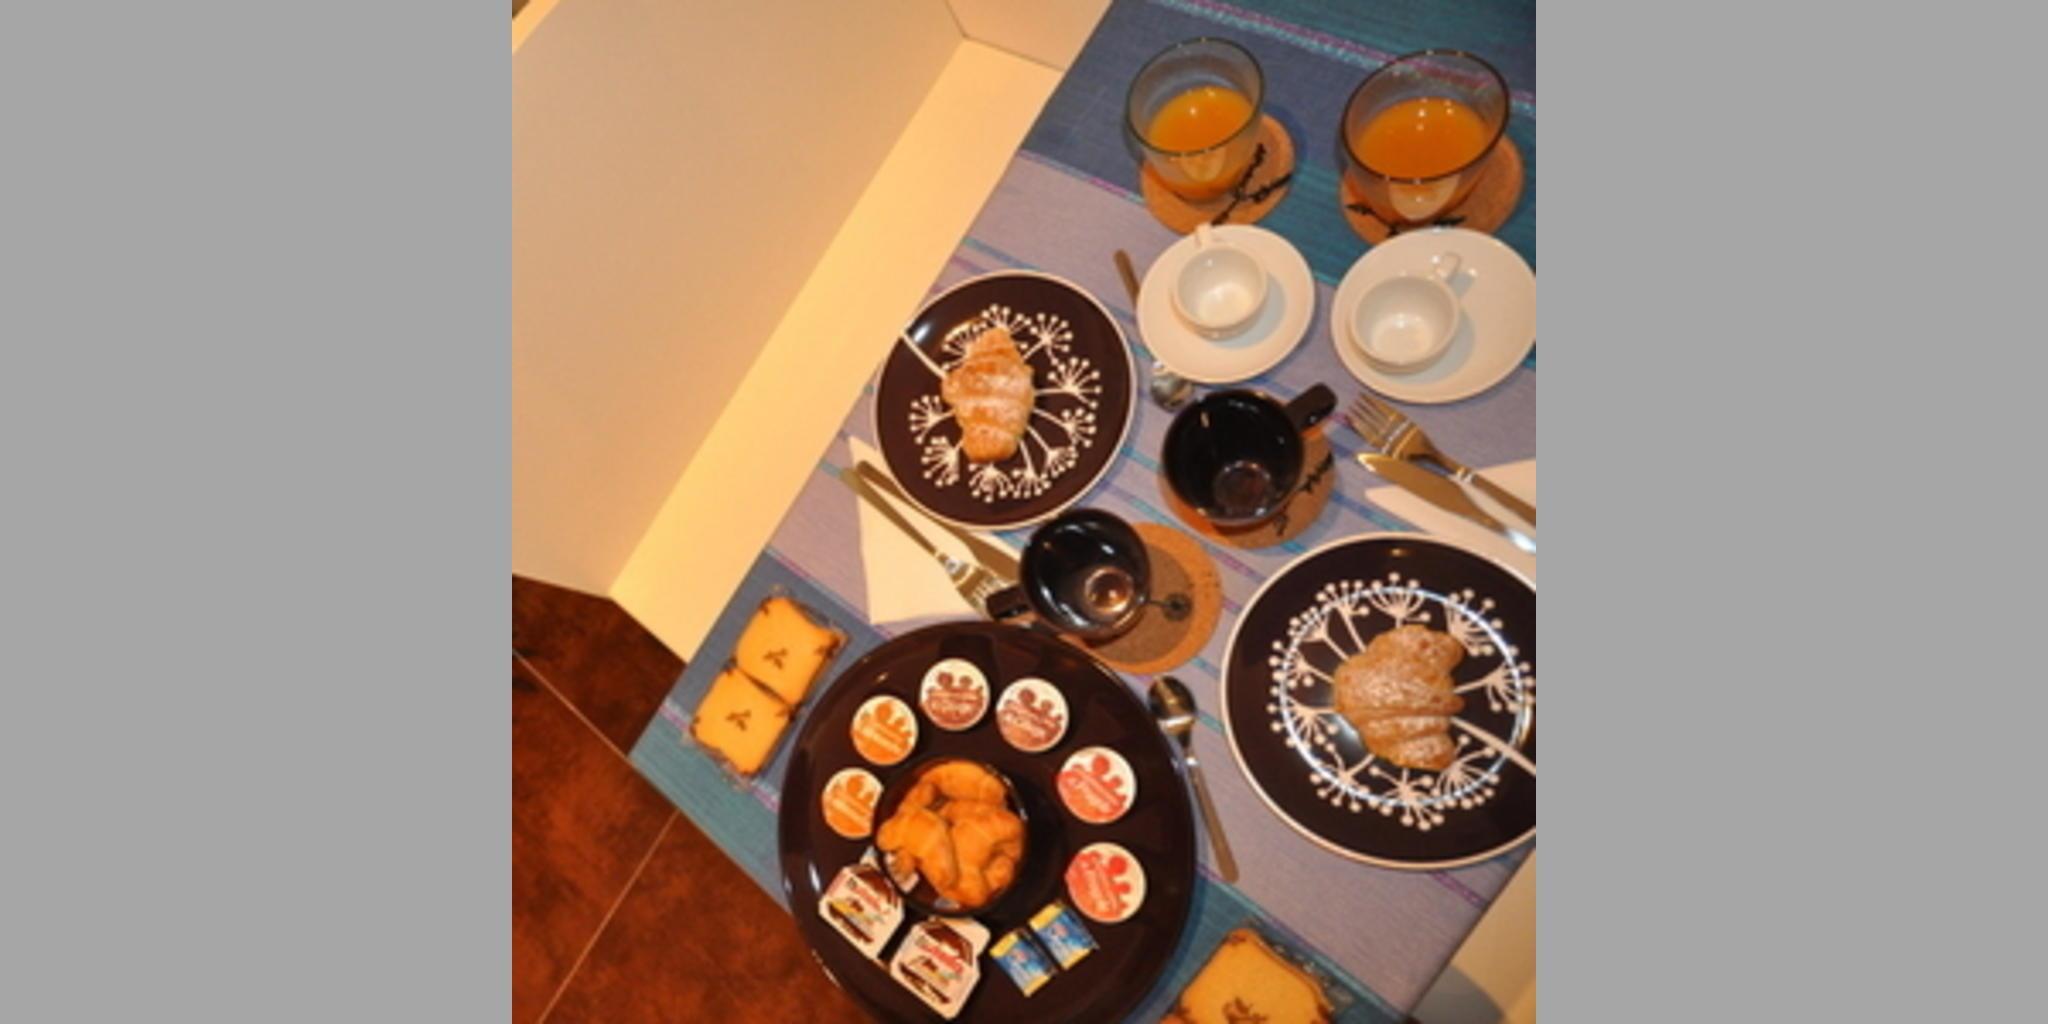 Bed & Breakfast Reggio Di Calabria - Reggio Di Calabria_C